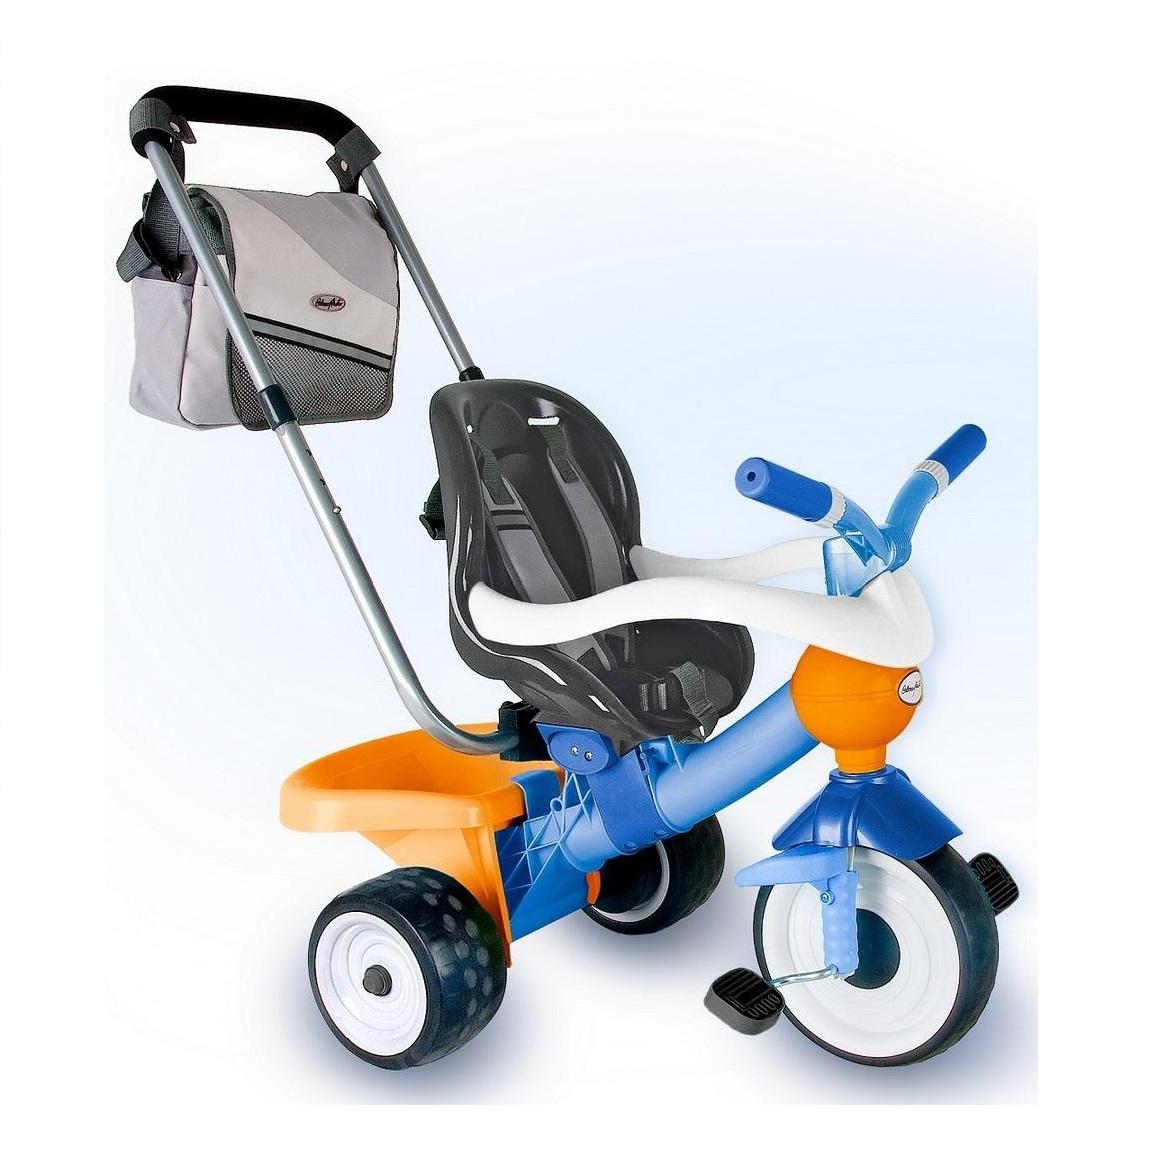 Детский трехколесный велосипед Coloma Comfort Angel Blue/orange Aluminium, 3471RTВелосипеды детские<br>Детский трехколесный велосипед Coloma Comfort Angel Blue/orange Aluminium, 3471RT<br>